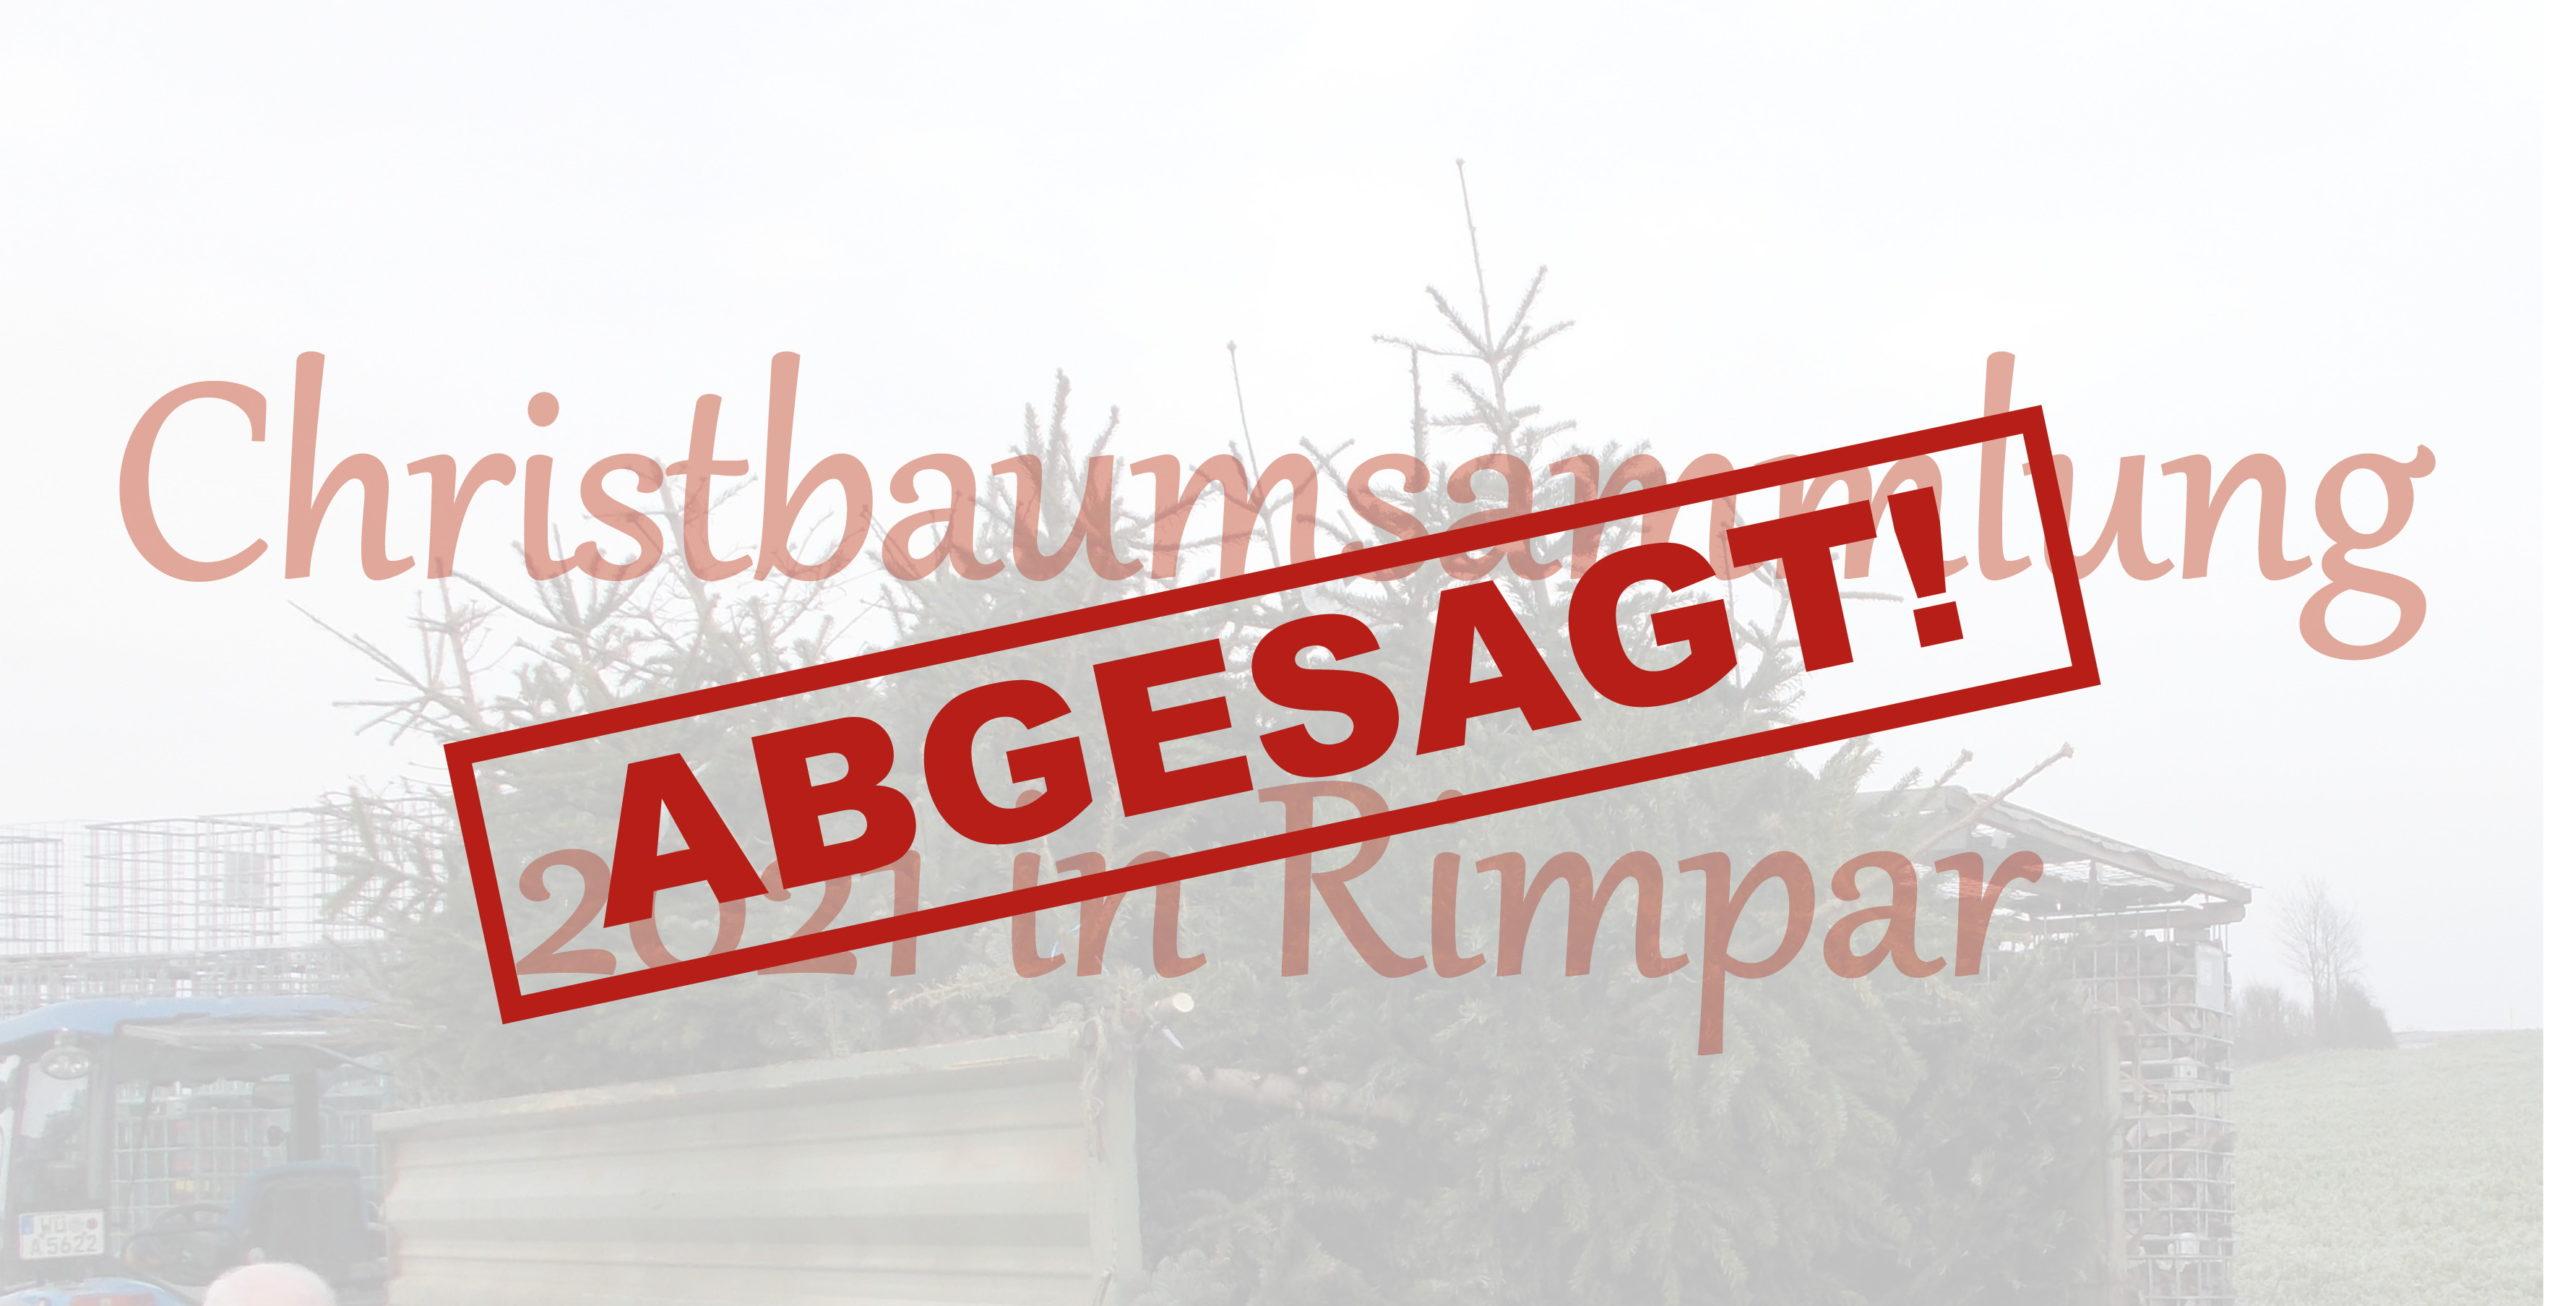 Christbaumsammlung 2021 in Rimpar abgesagt